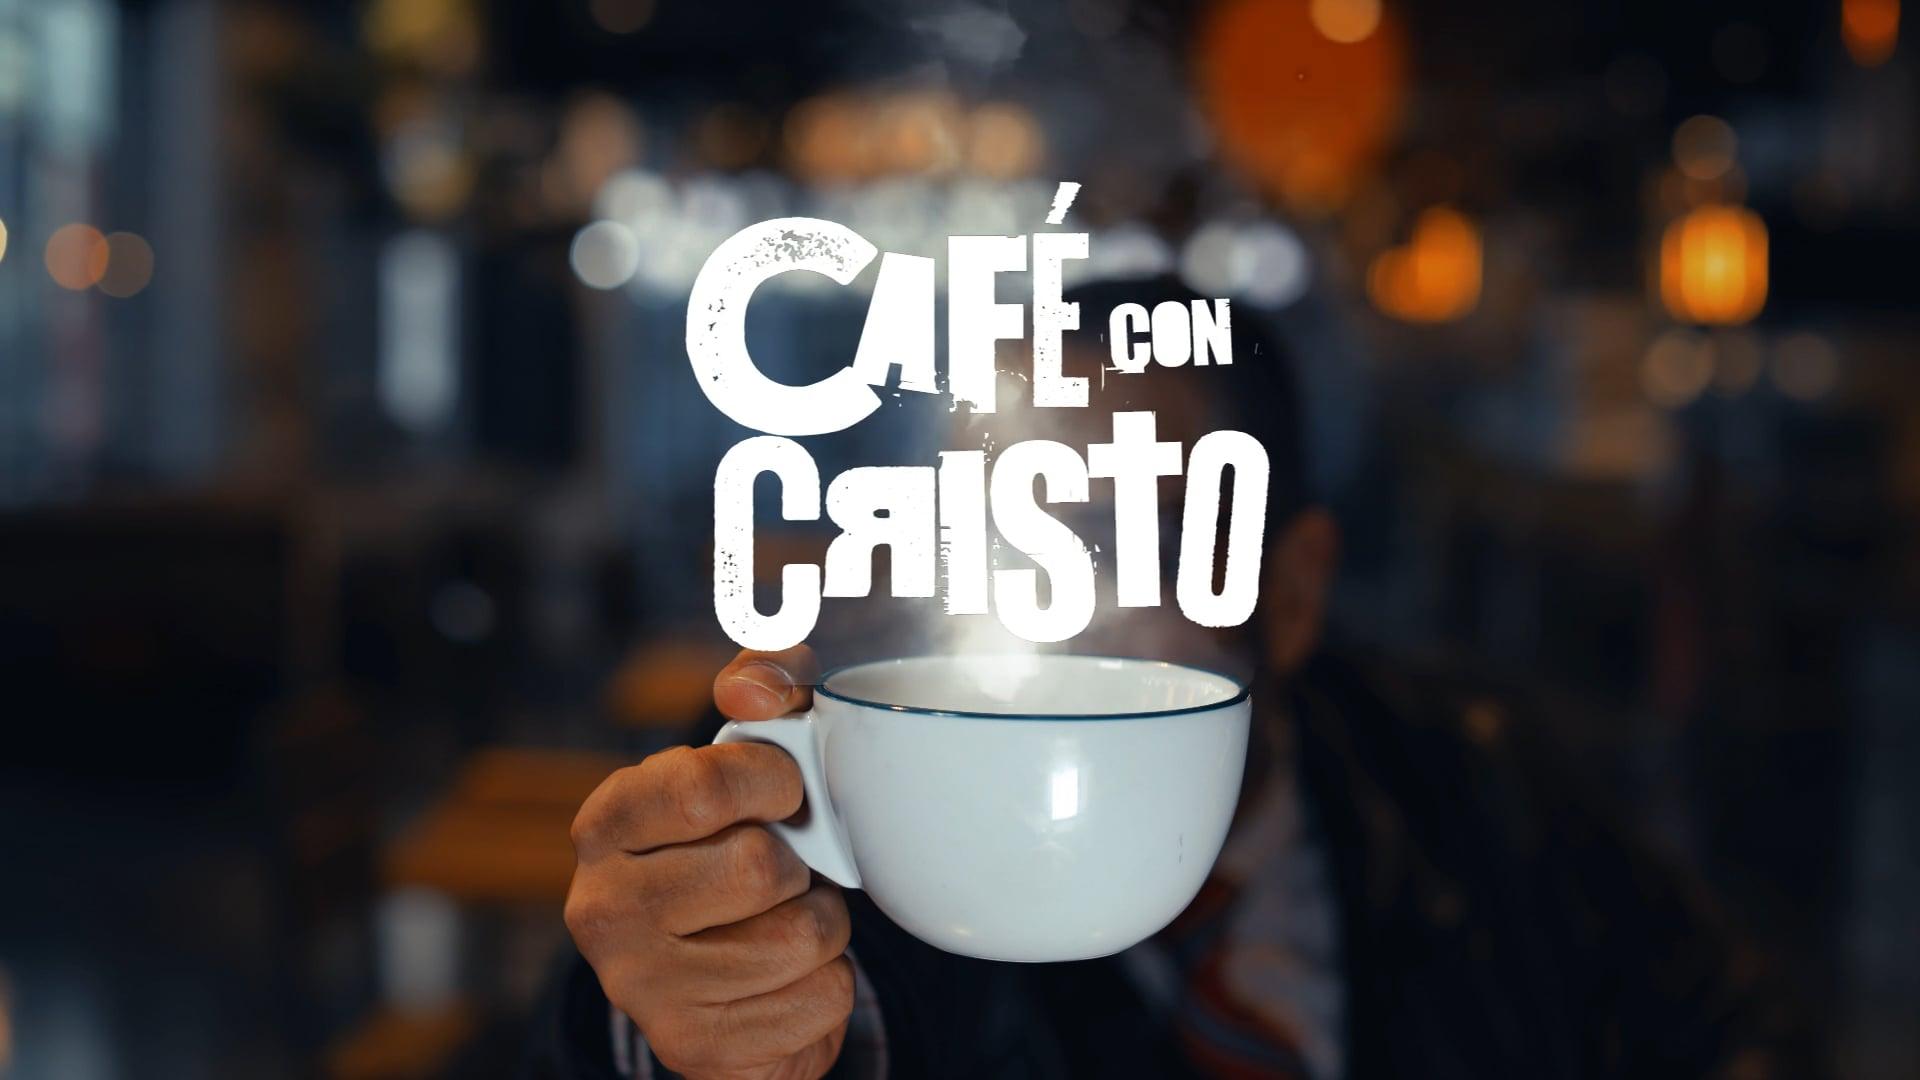 Café Con Cristo